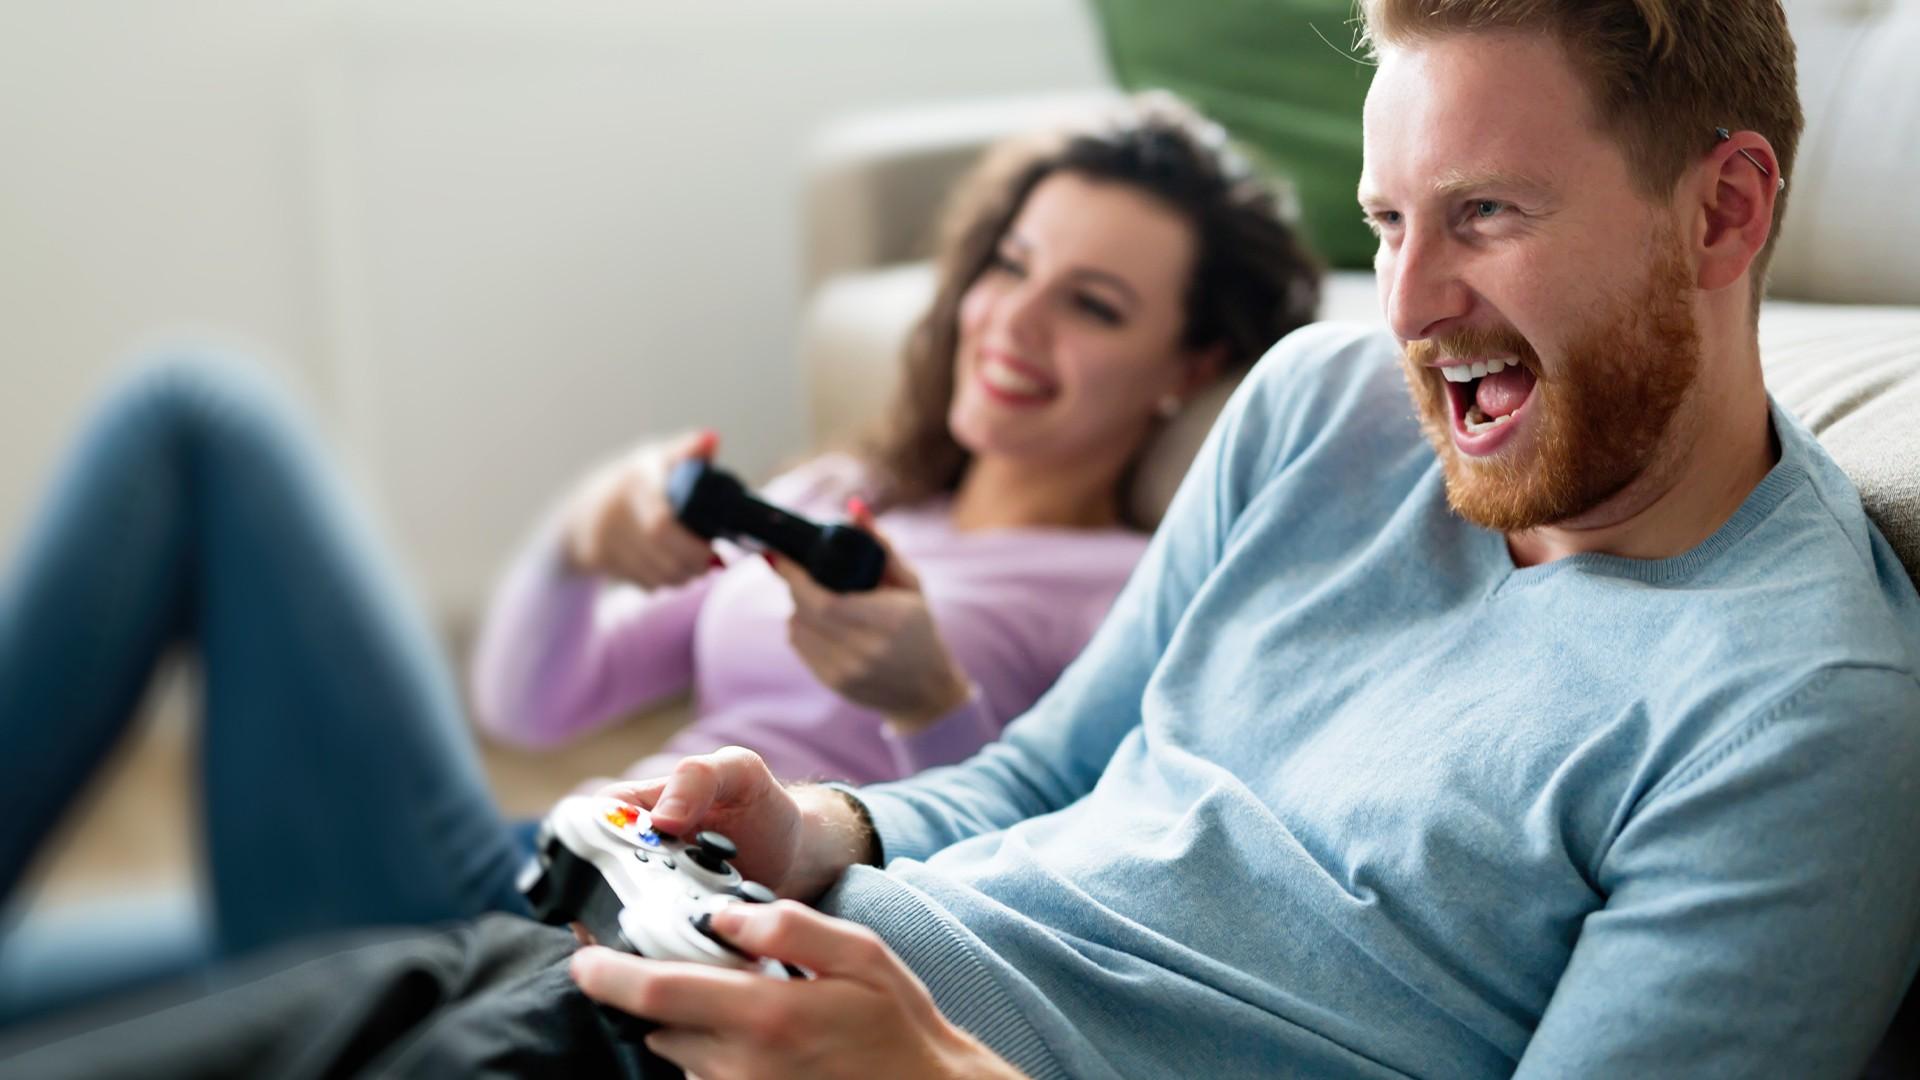 Perché abbiamo perso il gusto di videogiocare insieme?